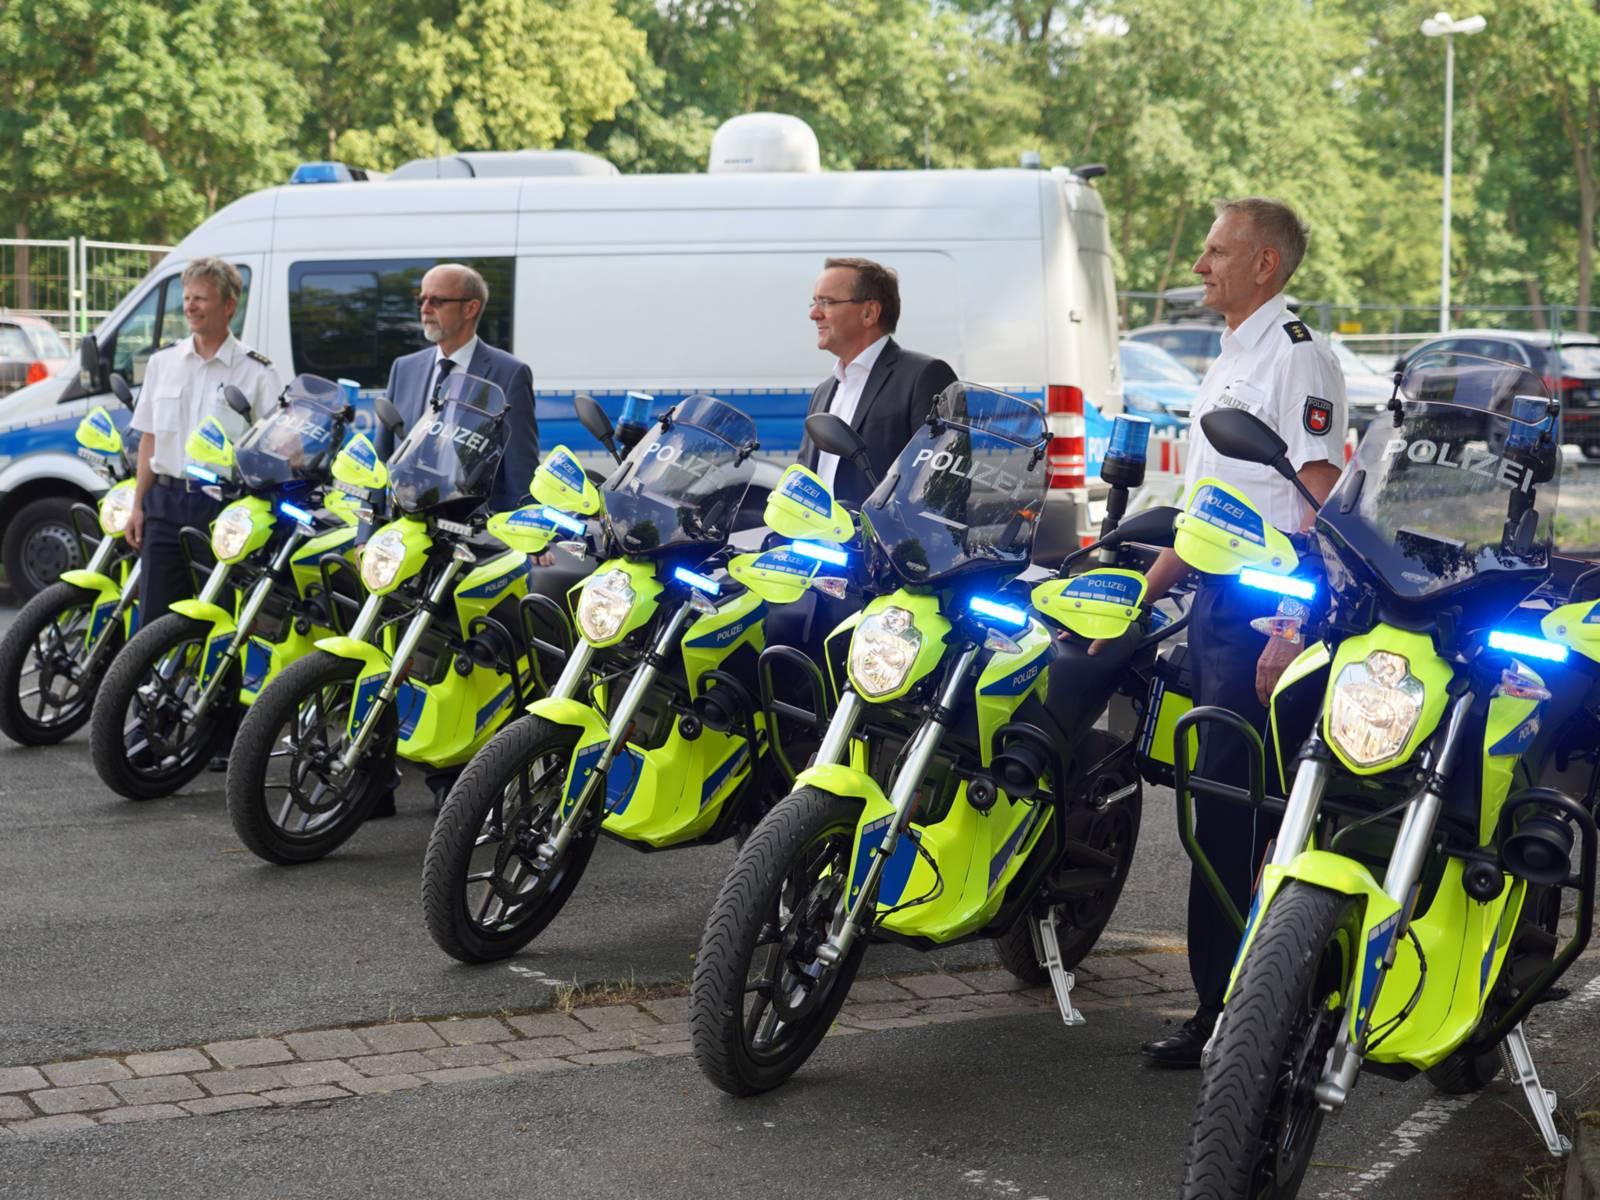 Polizisten stehen neben Motorrädern